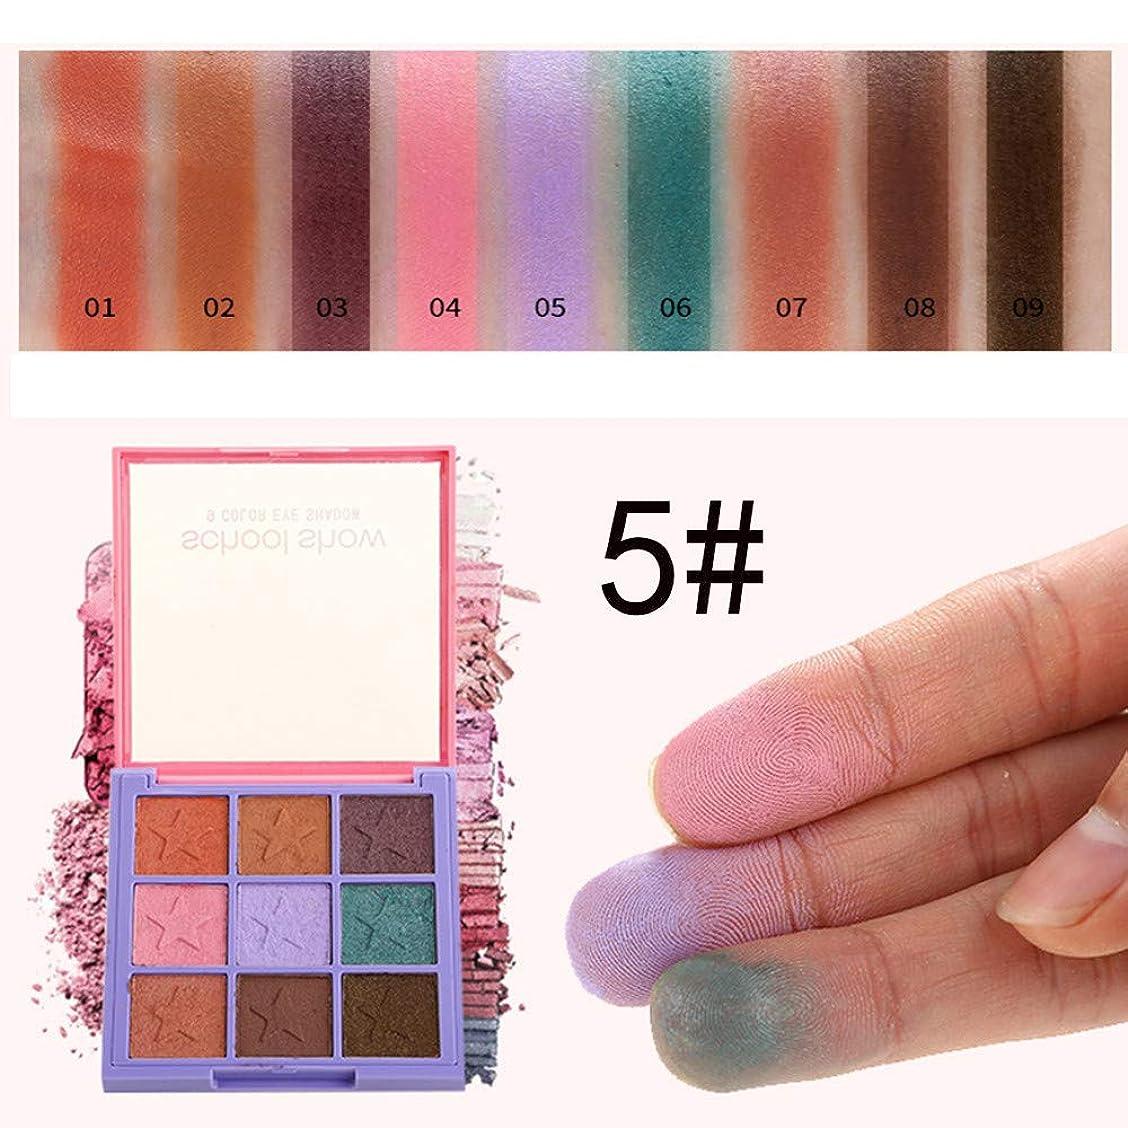 謎フェミニンカメ化粧品マットアイシャドウクリームメイクアップパレットシマーセット9色アイシャドウ